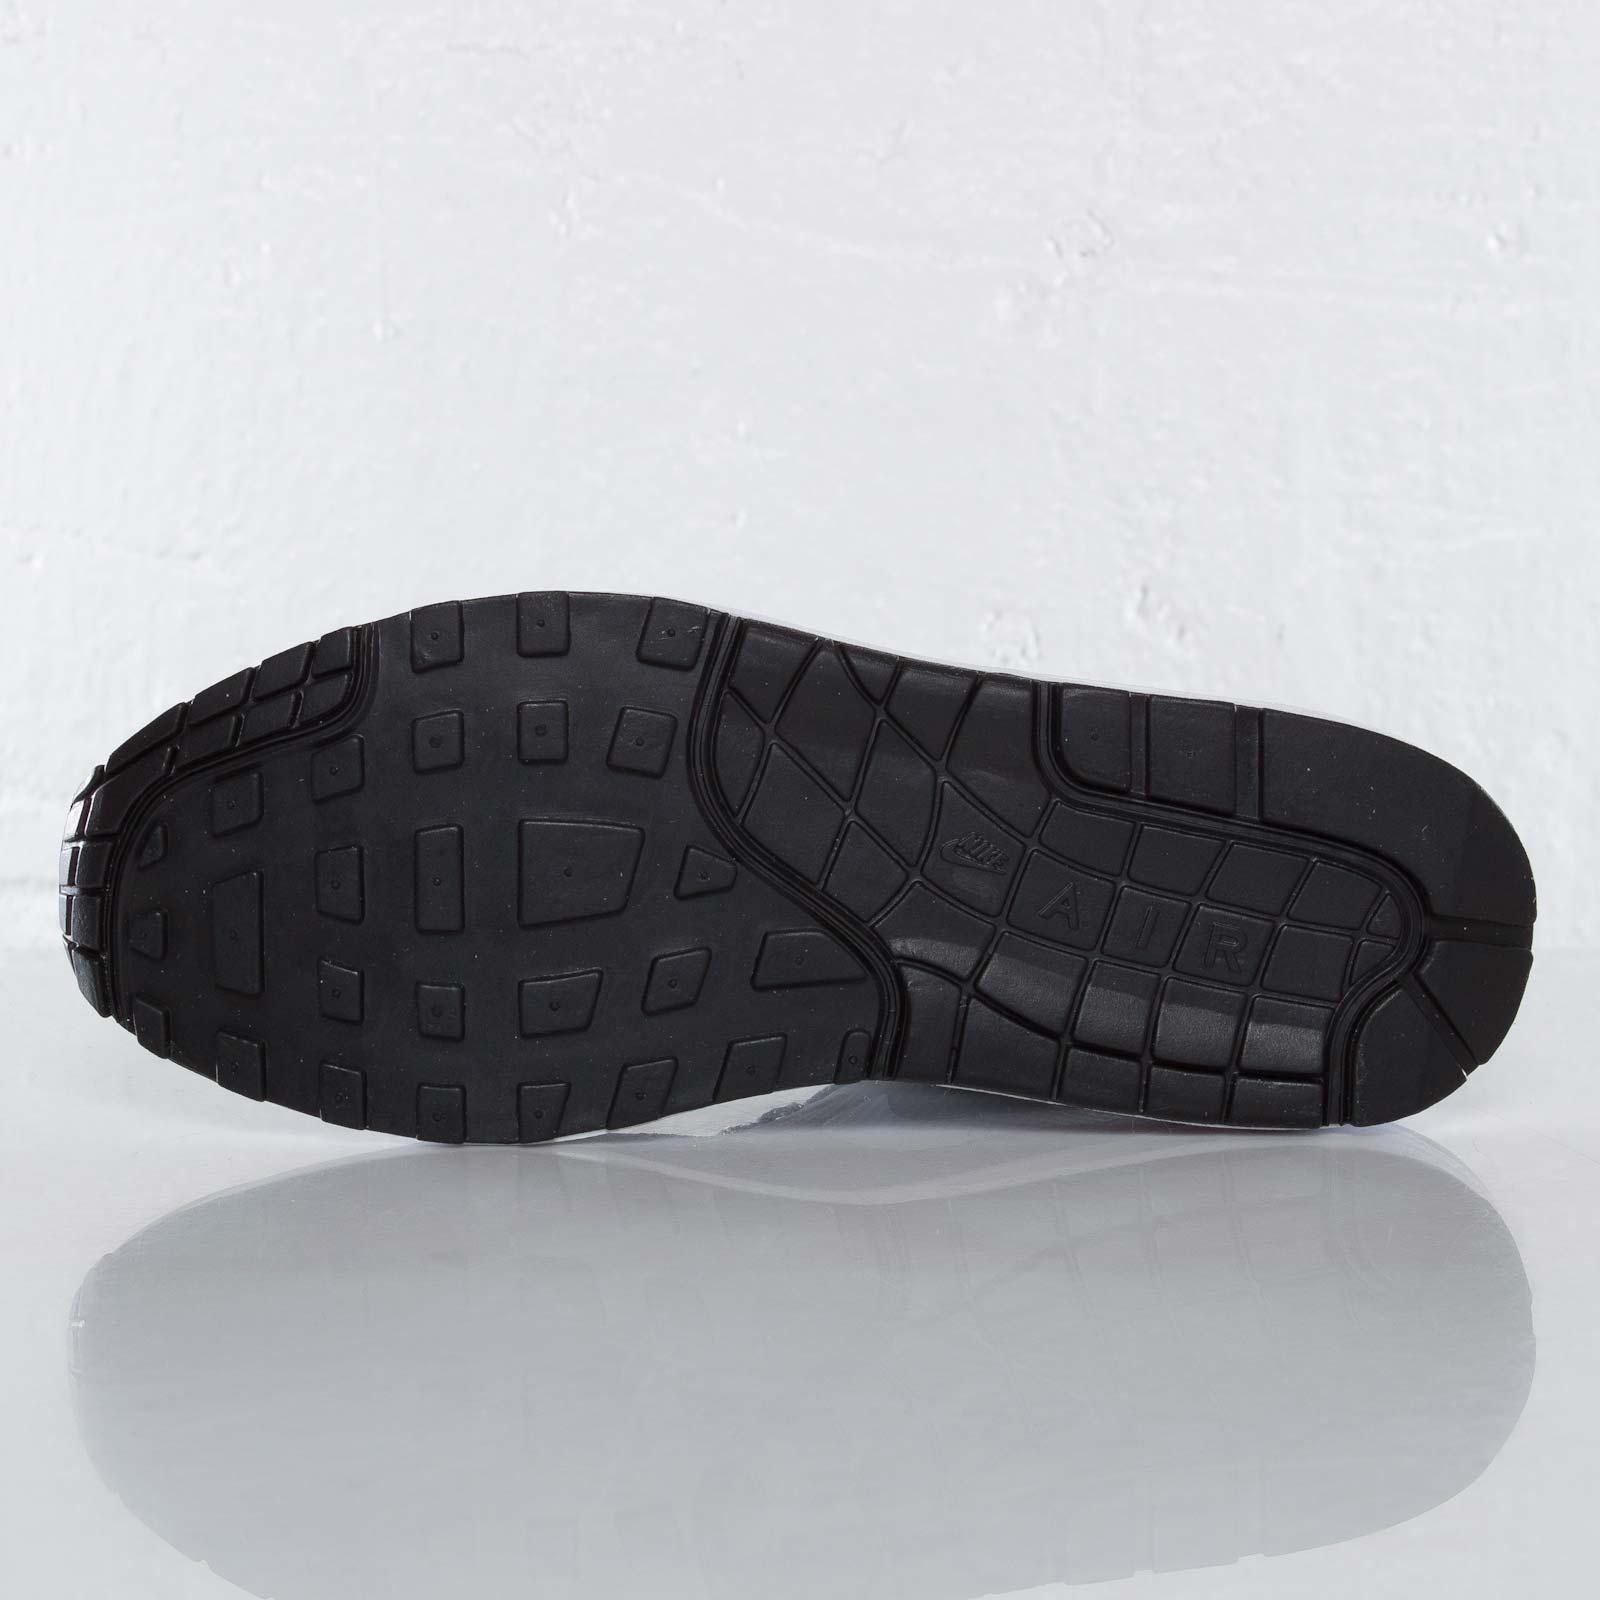 Nike Air Max 1 Fuse 543213 016 Sneakersnstuff | sneakers